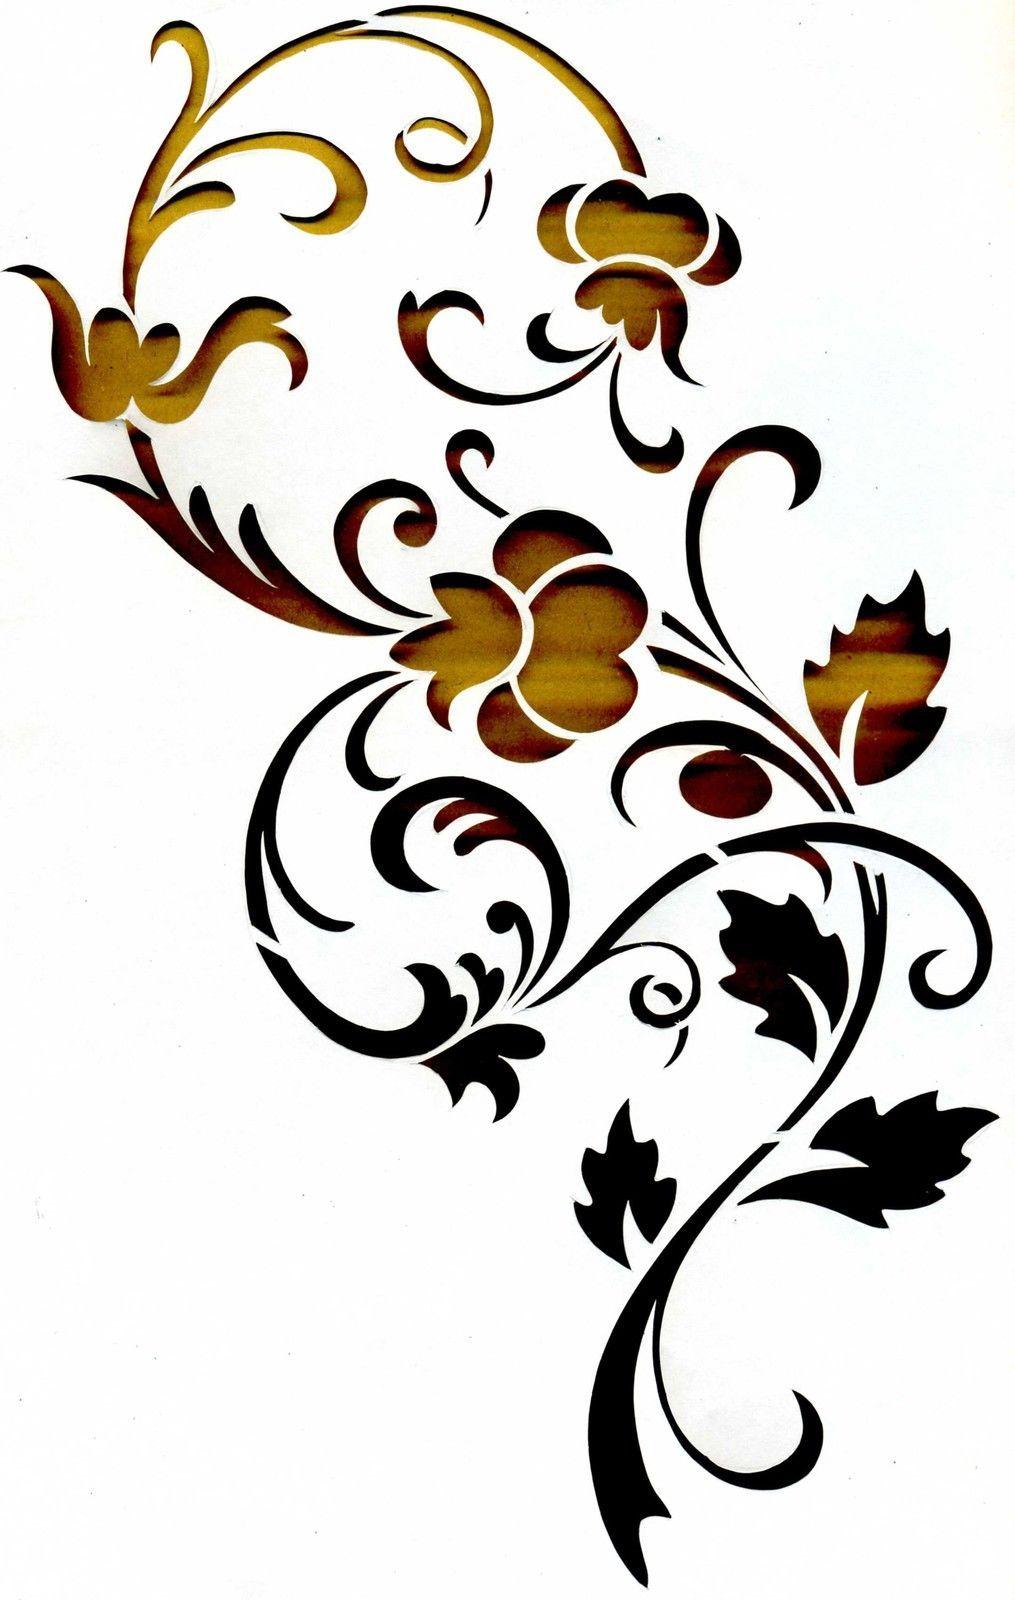 Wandschablonen Schablone Wandtattoo Ornament | Ebay innen Wandschablonen Zum Ausdrucken Kostenlos